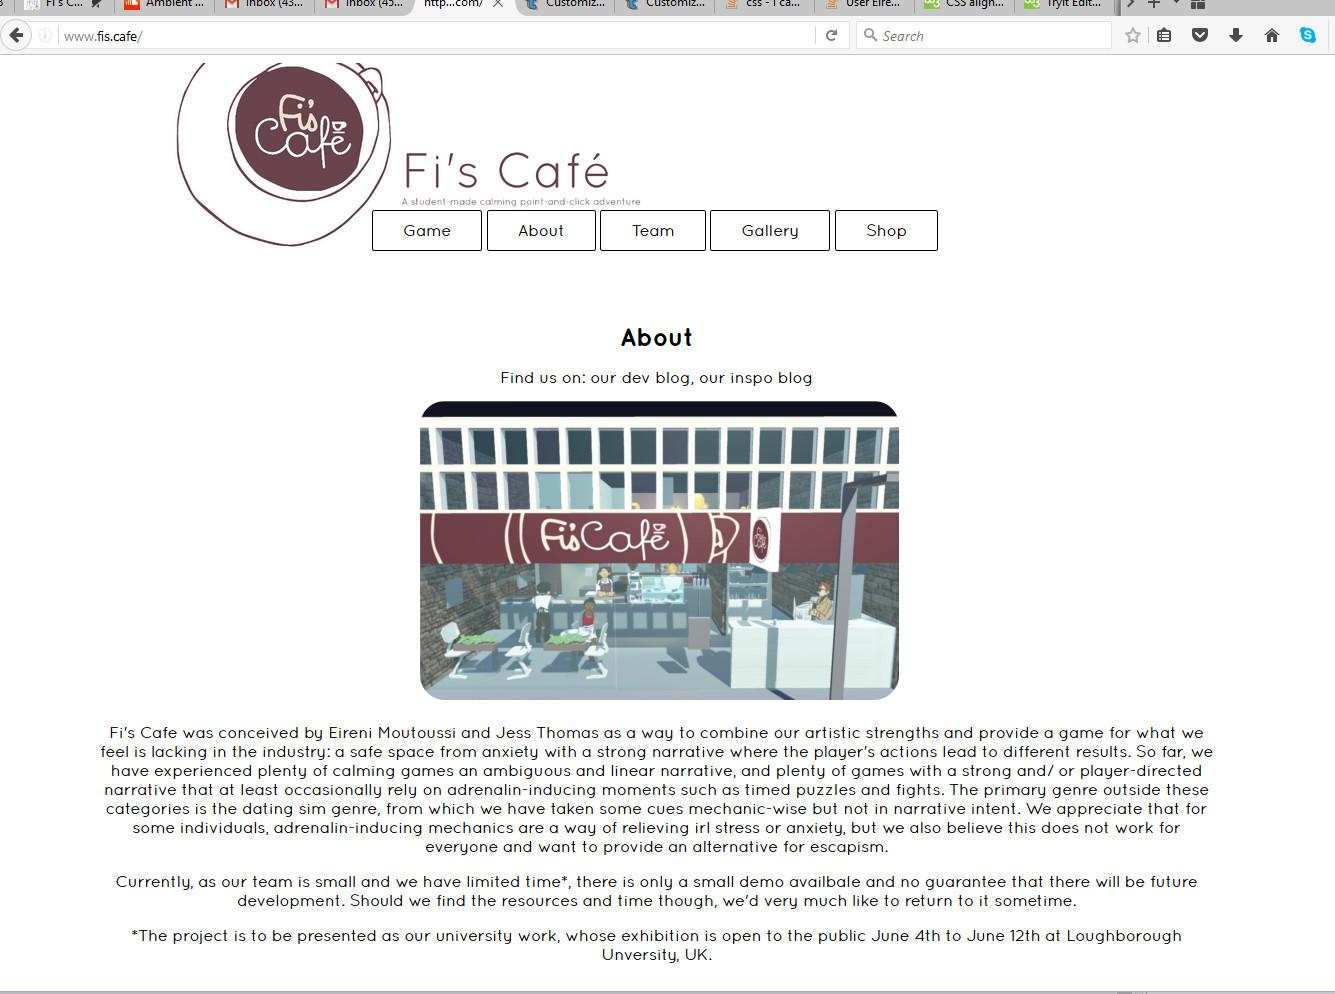 Partway through the website development